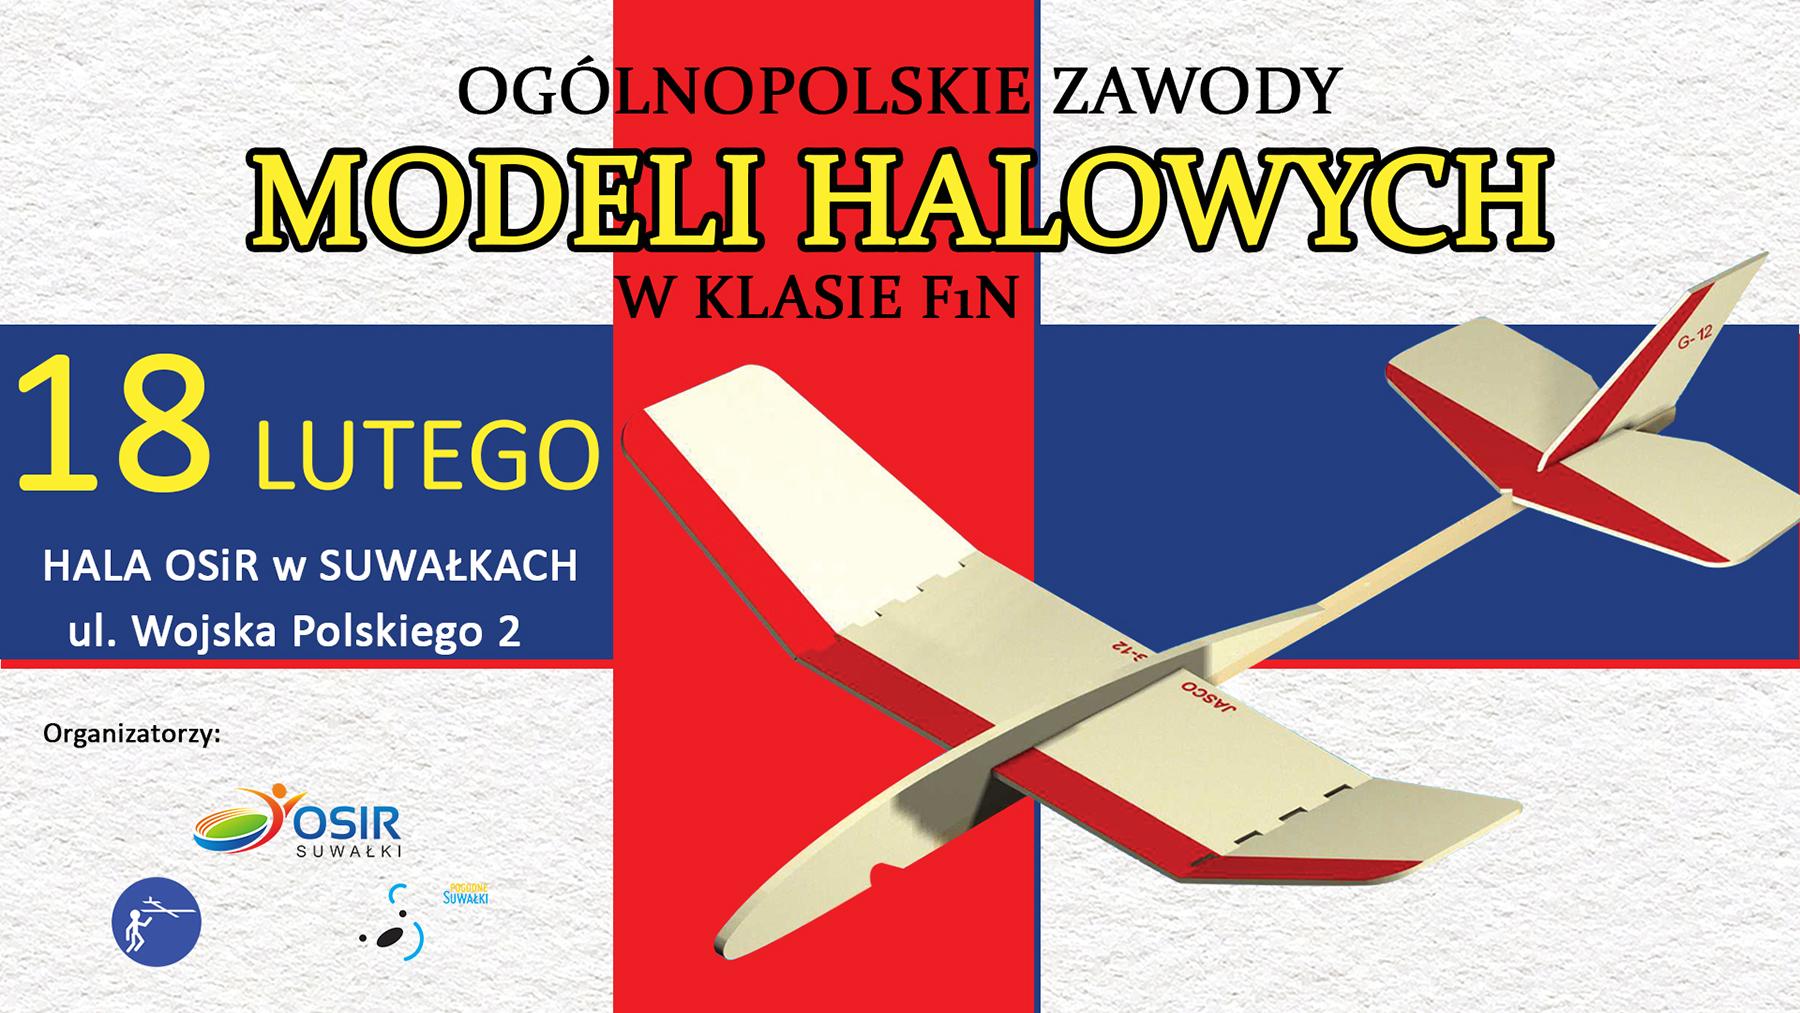 Ogólnopolskie Zawody Modeli Halowych w klasie F1N